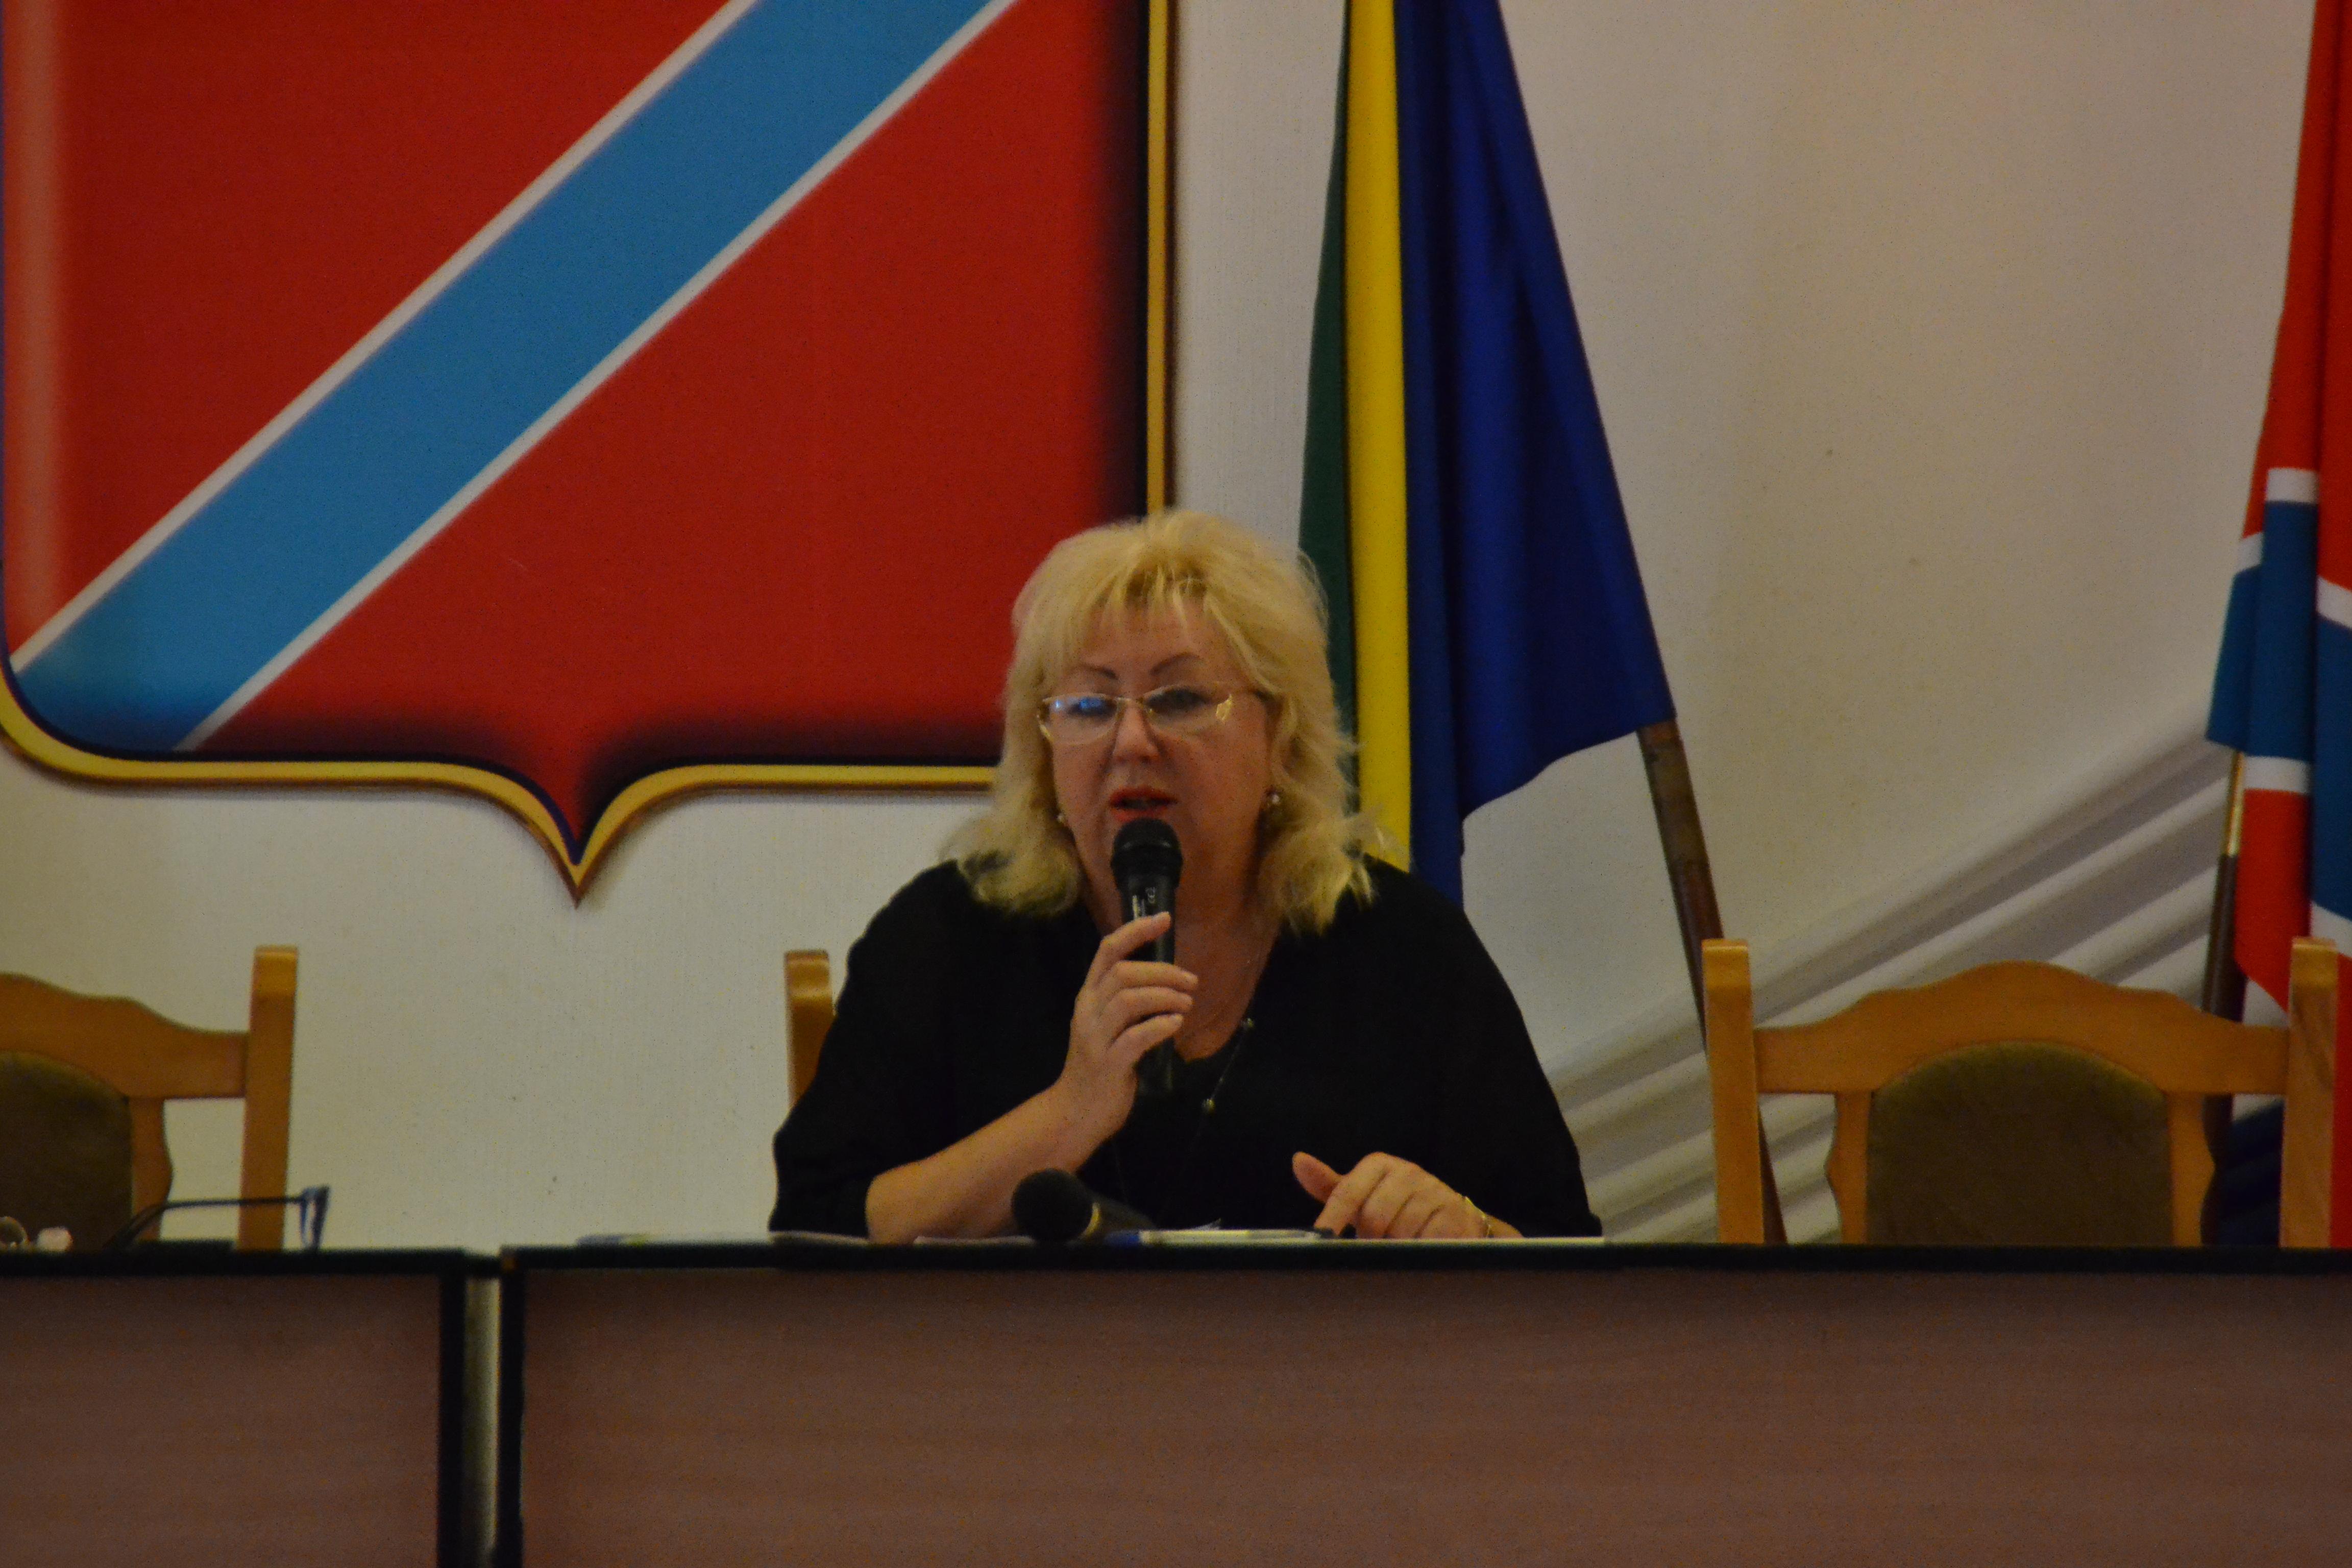 С 8 сентября в Туапсе заработают участковые избирательные комиссии